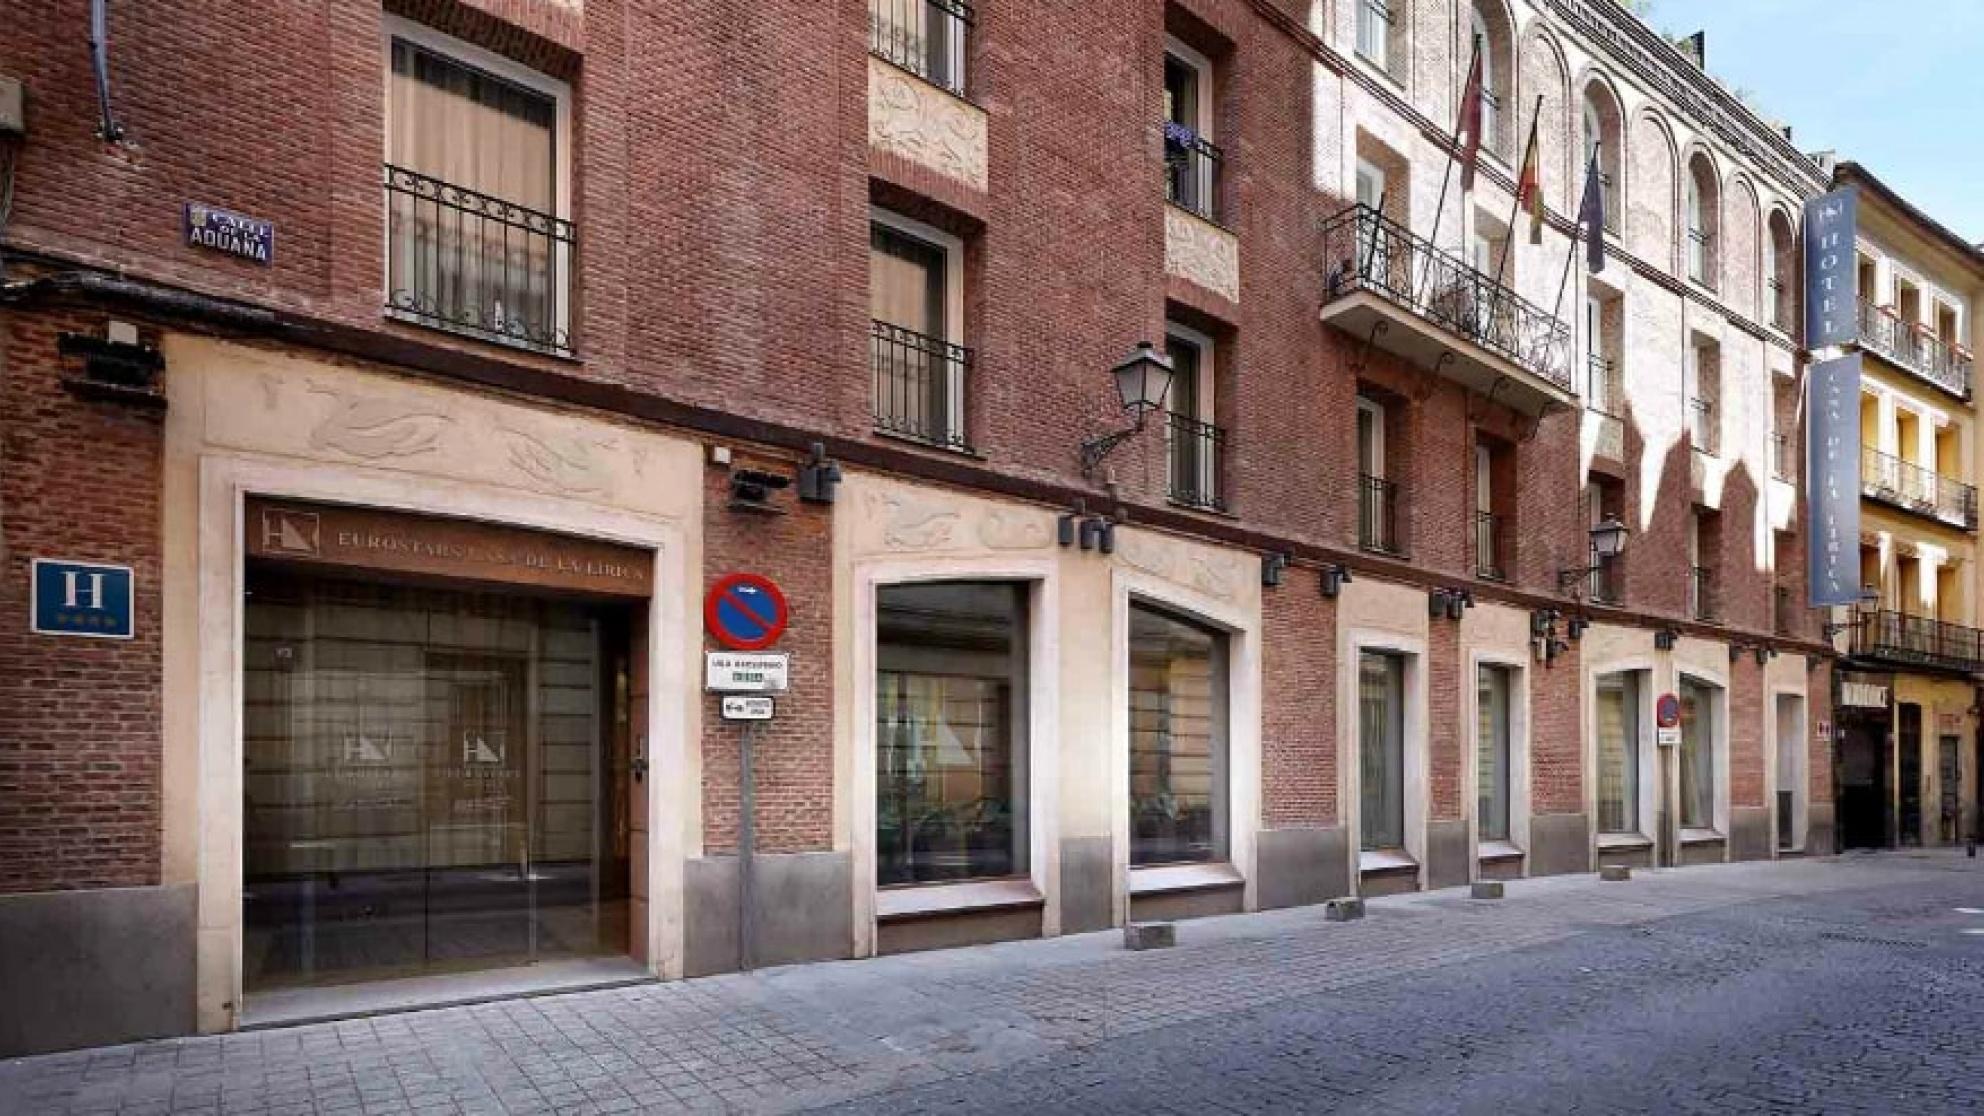 Eurostars Casa de la Lirica, Madrid